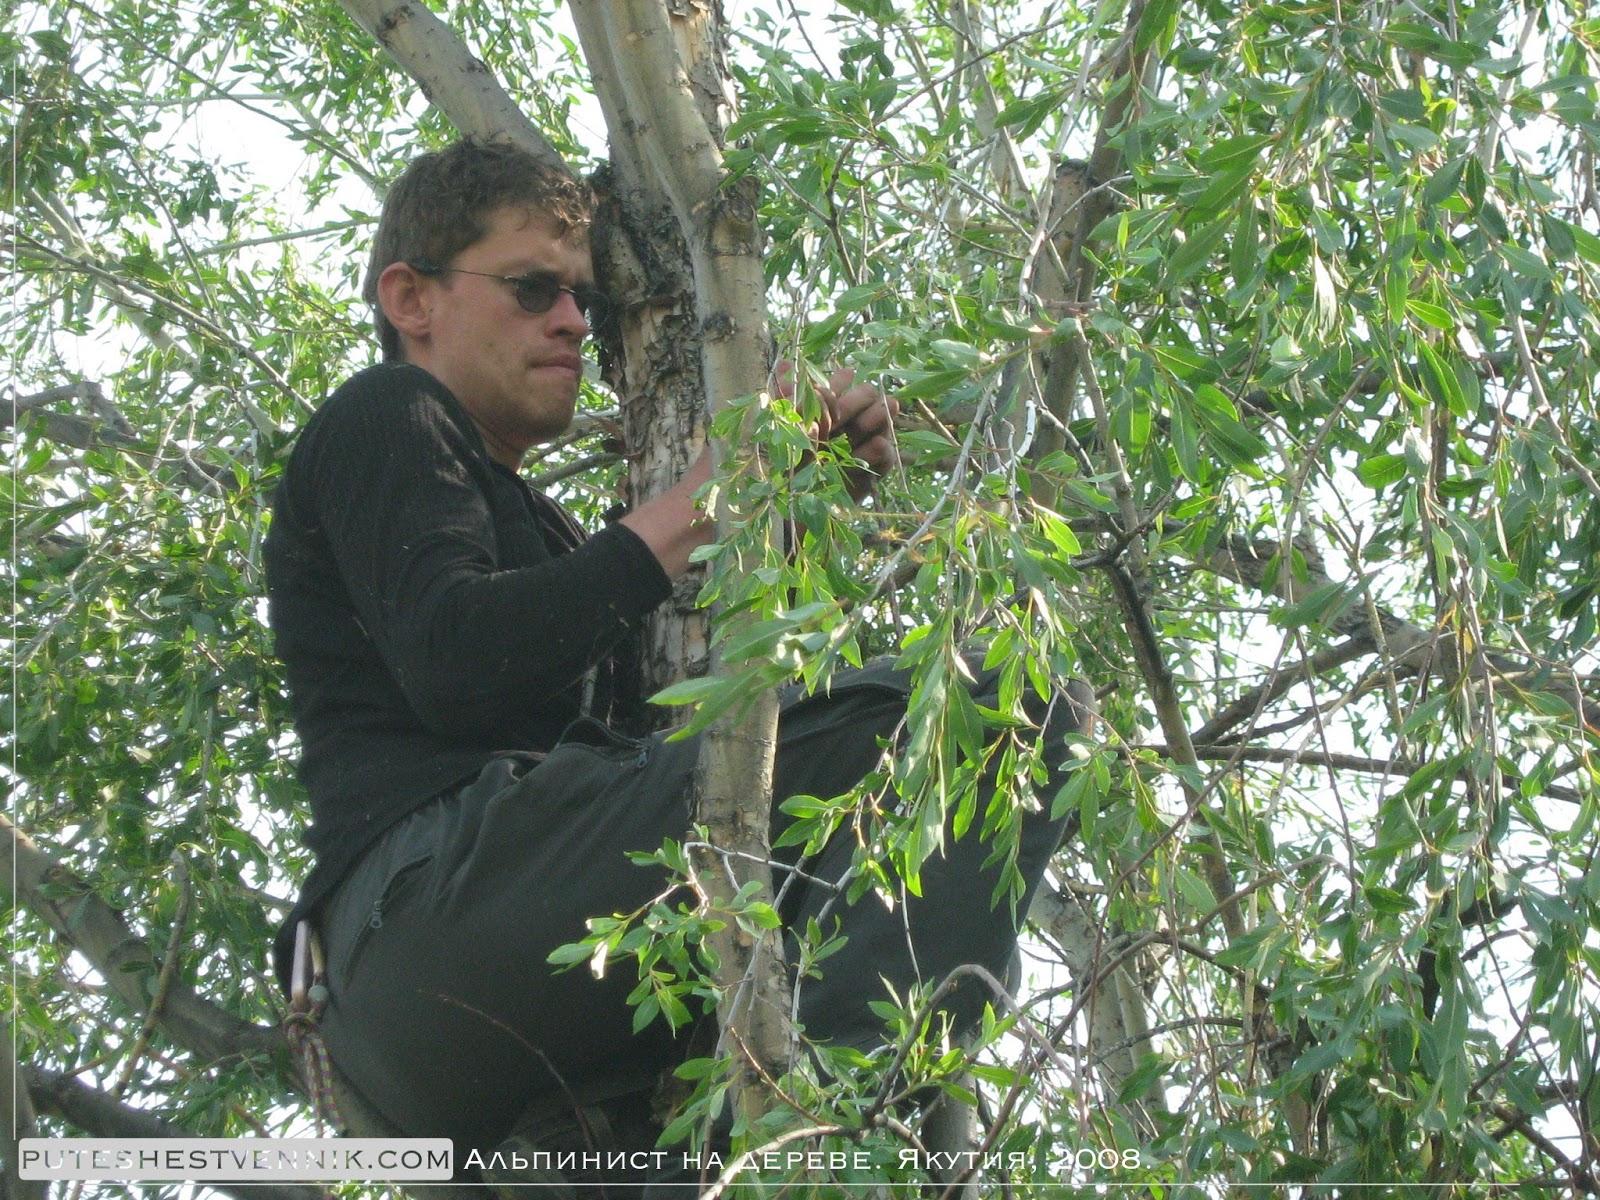 Альпинист закрепляет аварийный запас продуктов на дереве